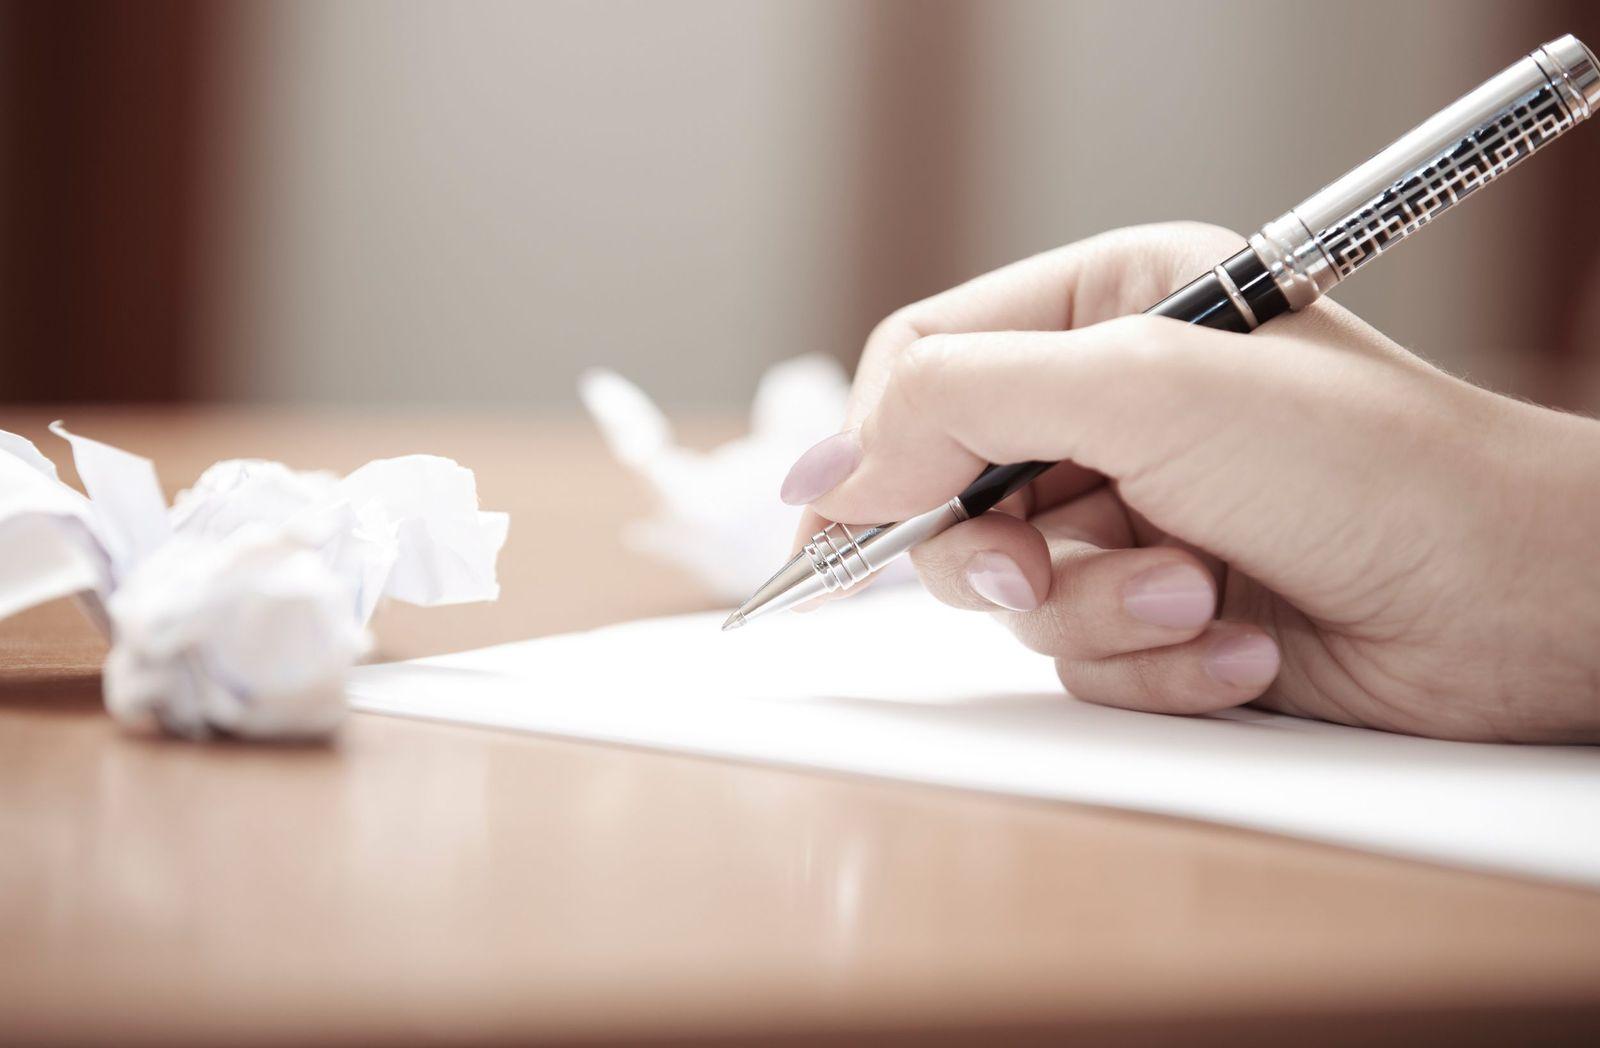 NICHT MEHR VERWENDEN! - Einen Brief schreiben